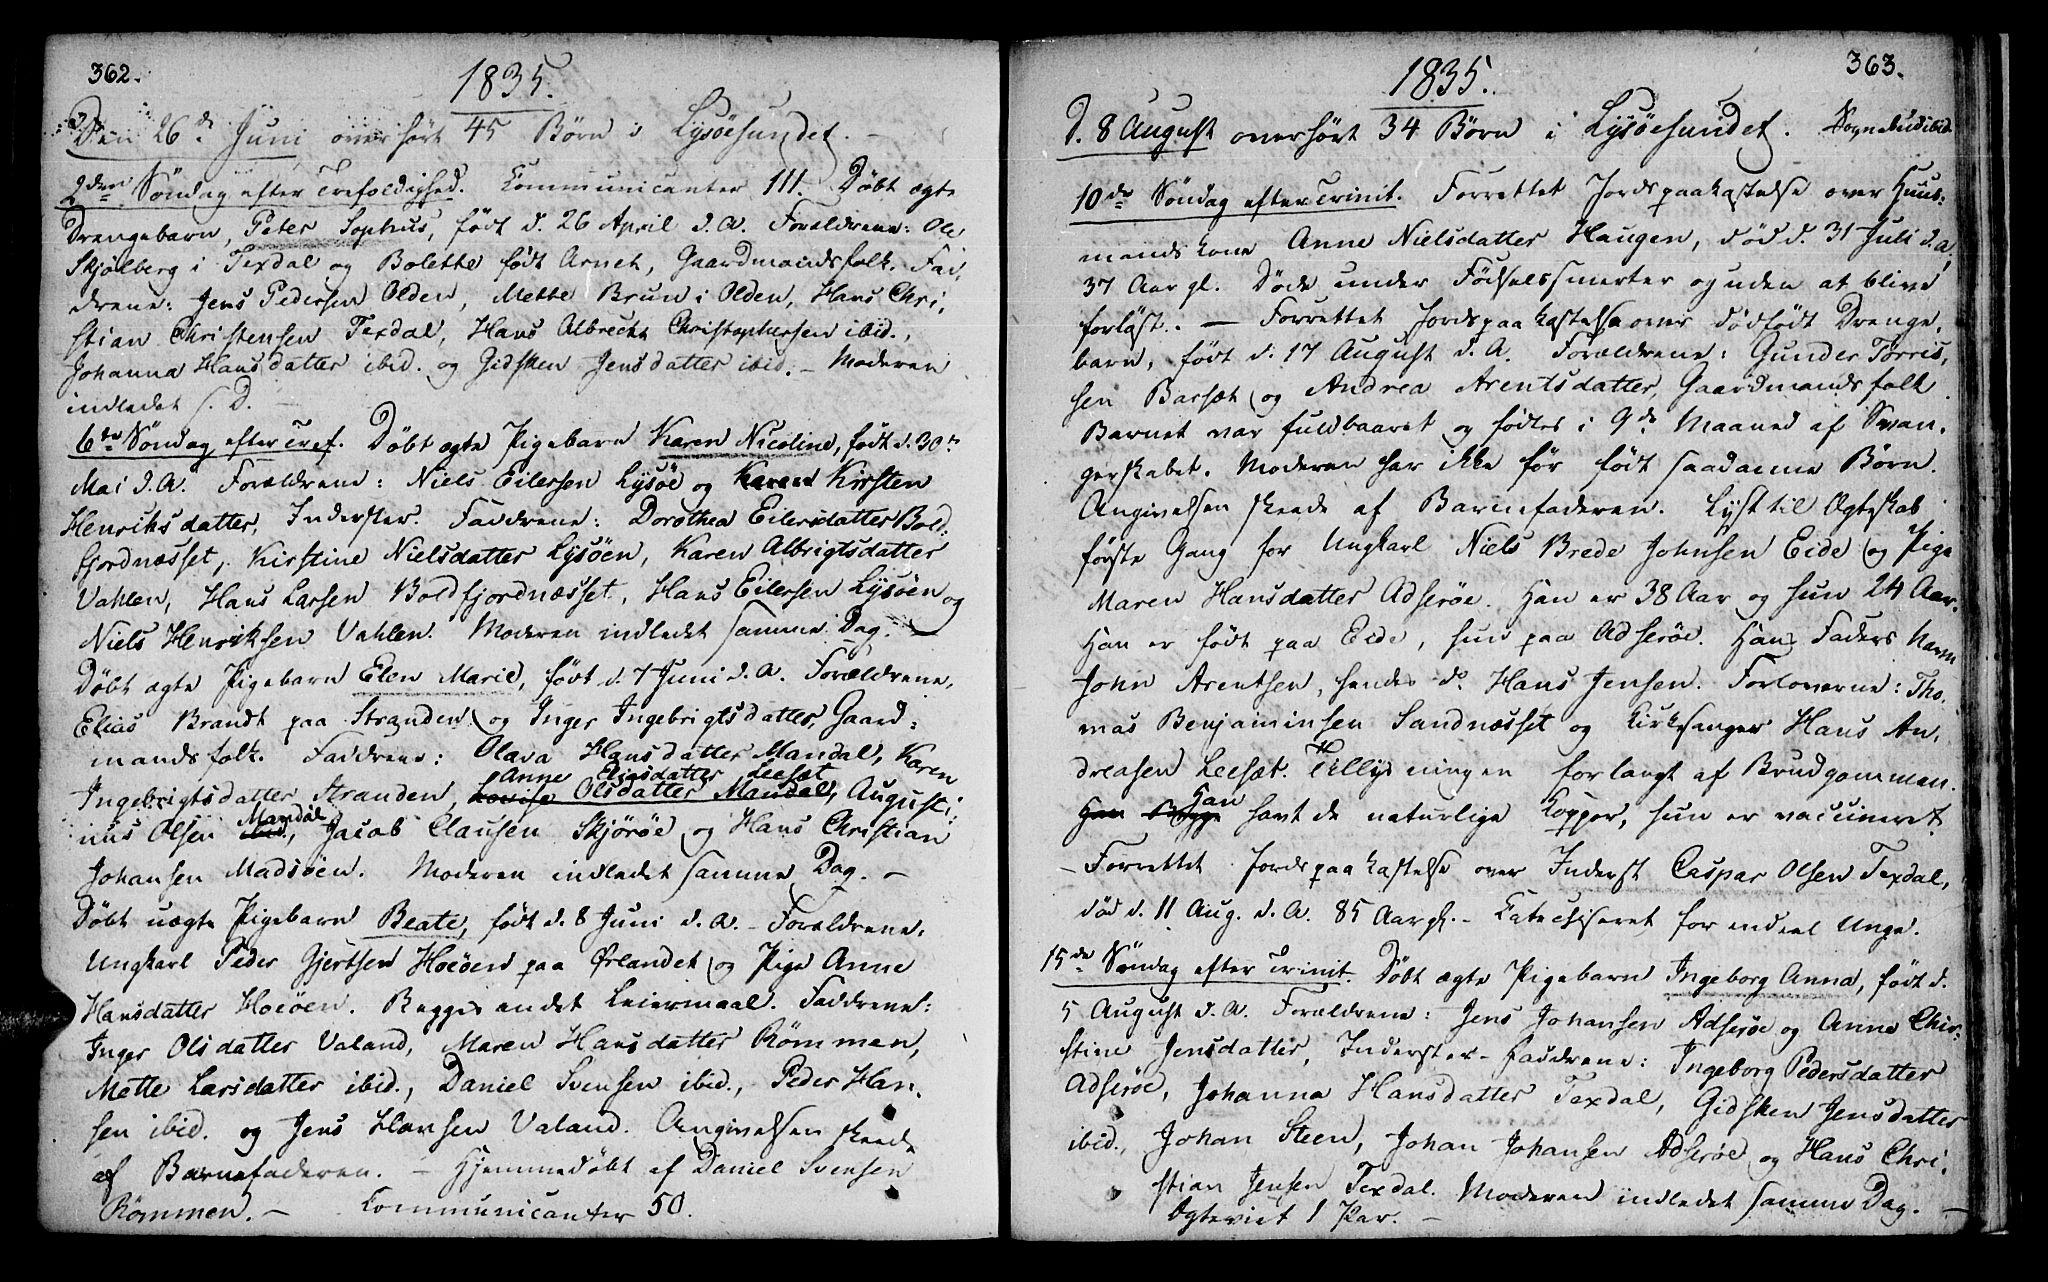 SAT, Ministerialprotokoller, klokkerbøker og fødselsregistre - Sør-Trøndelag, 655/L0674: Ministerialbok nr. 655A03, 1802-1826, s. 362-363